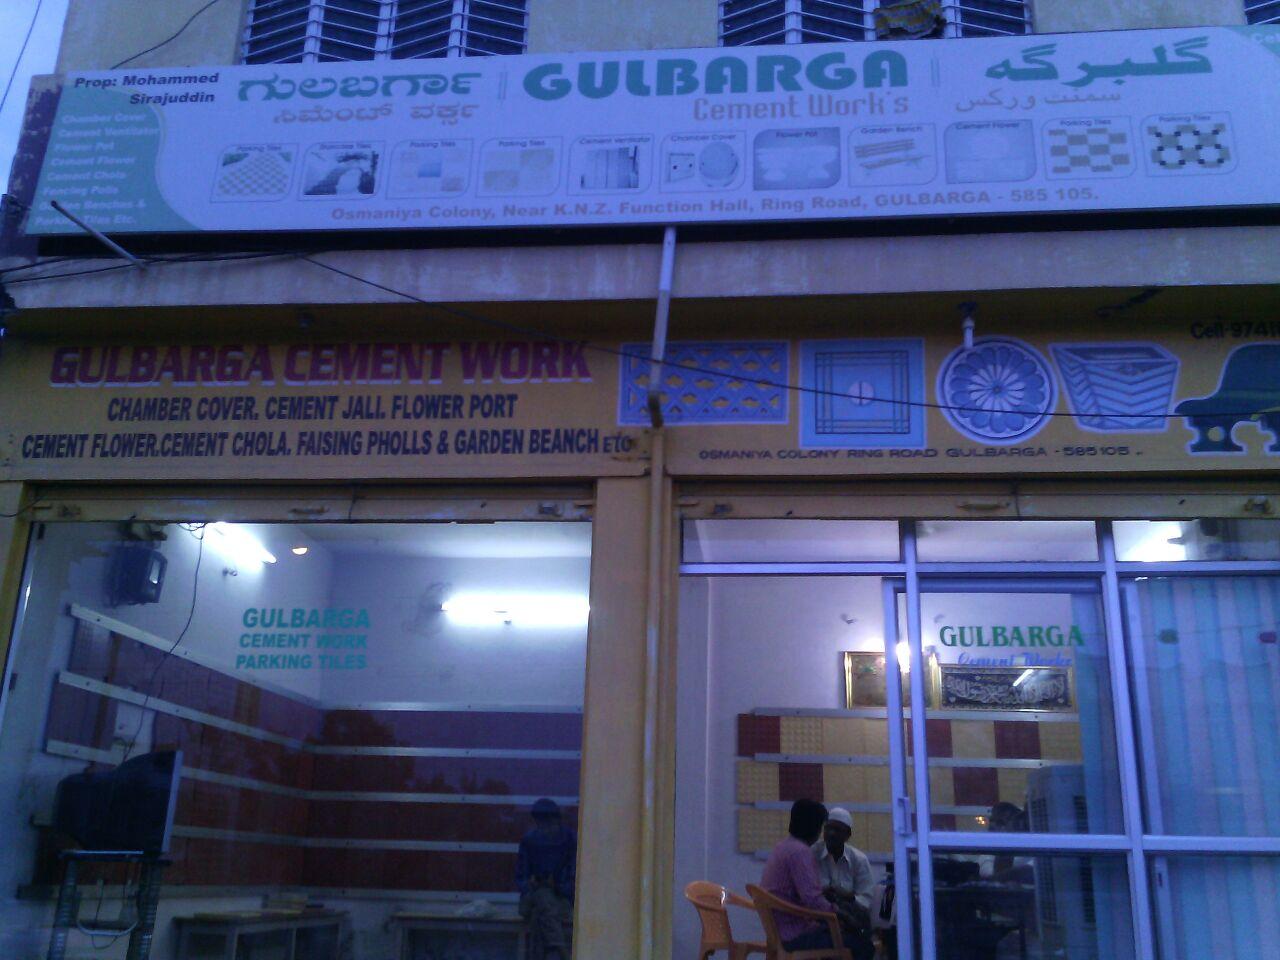 GULBARGA Cement Works